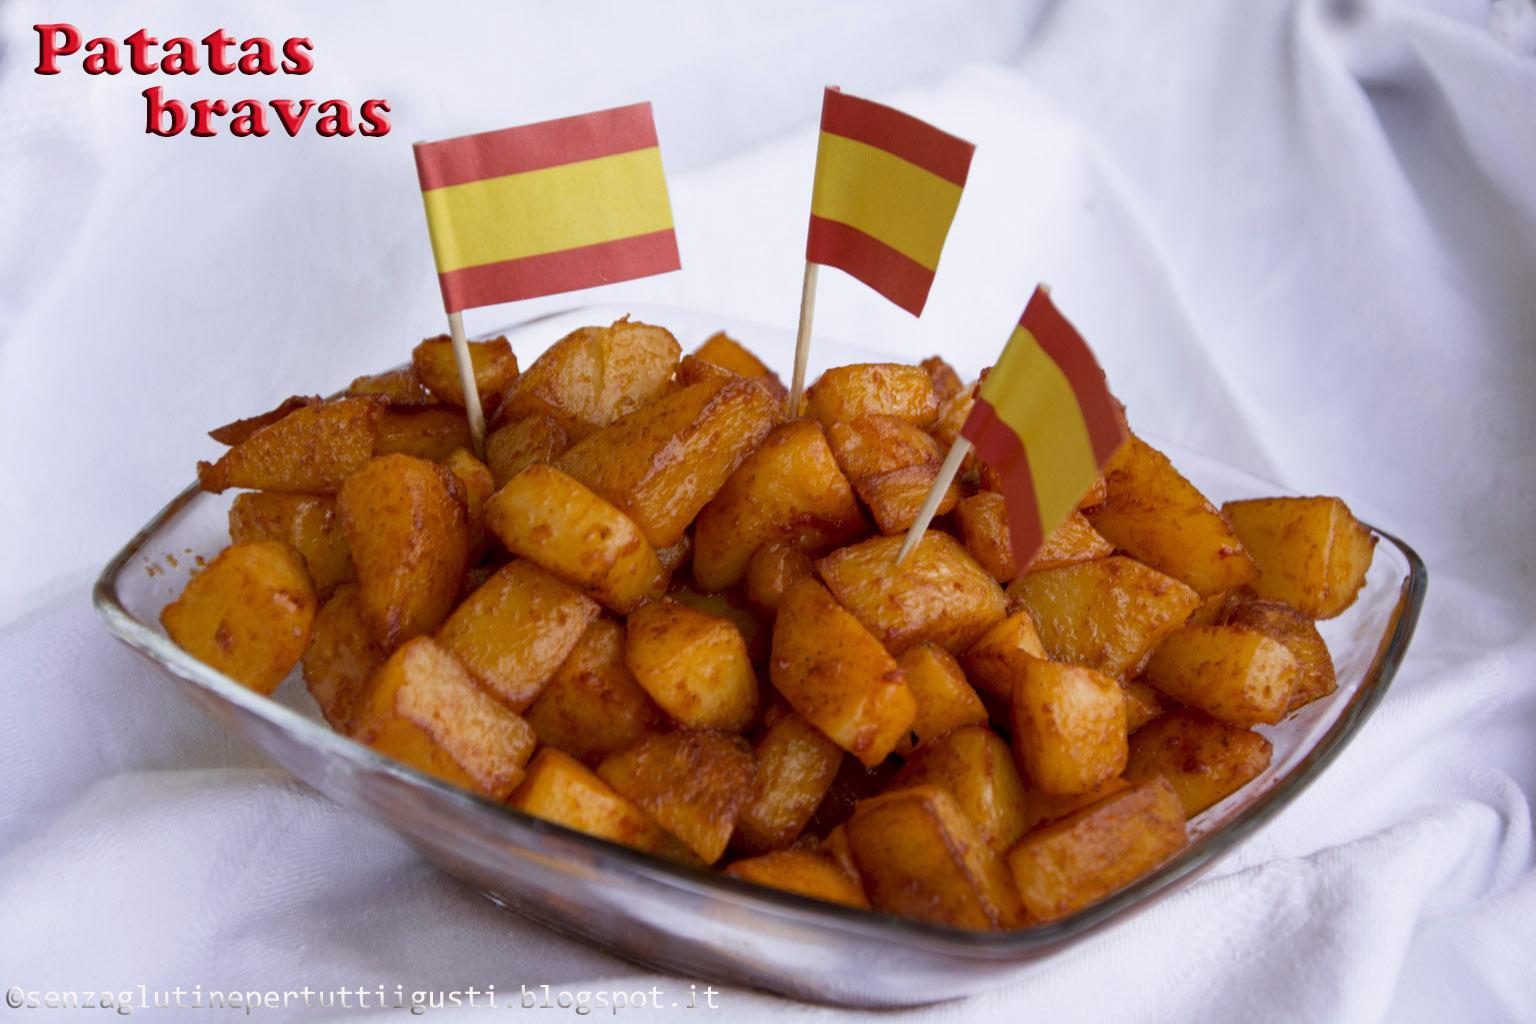 patatas bravas; dalla spagna le tapas per il 100% gluten free (fri)day #gffd